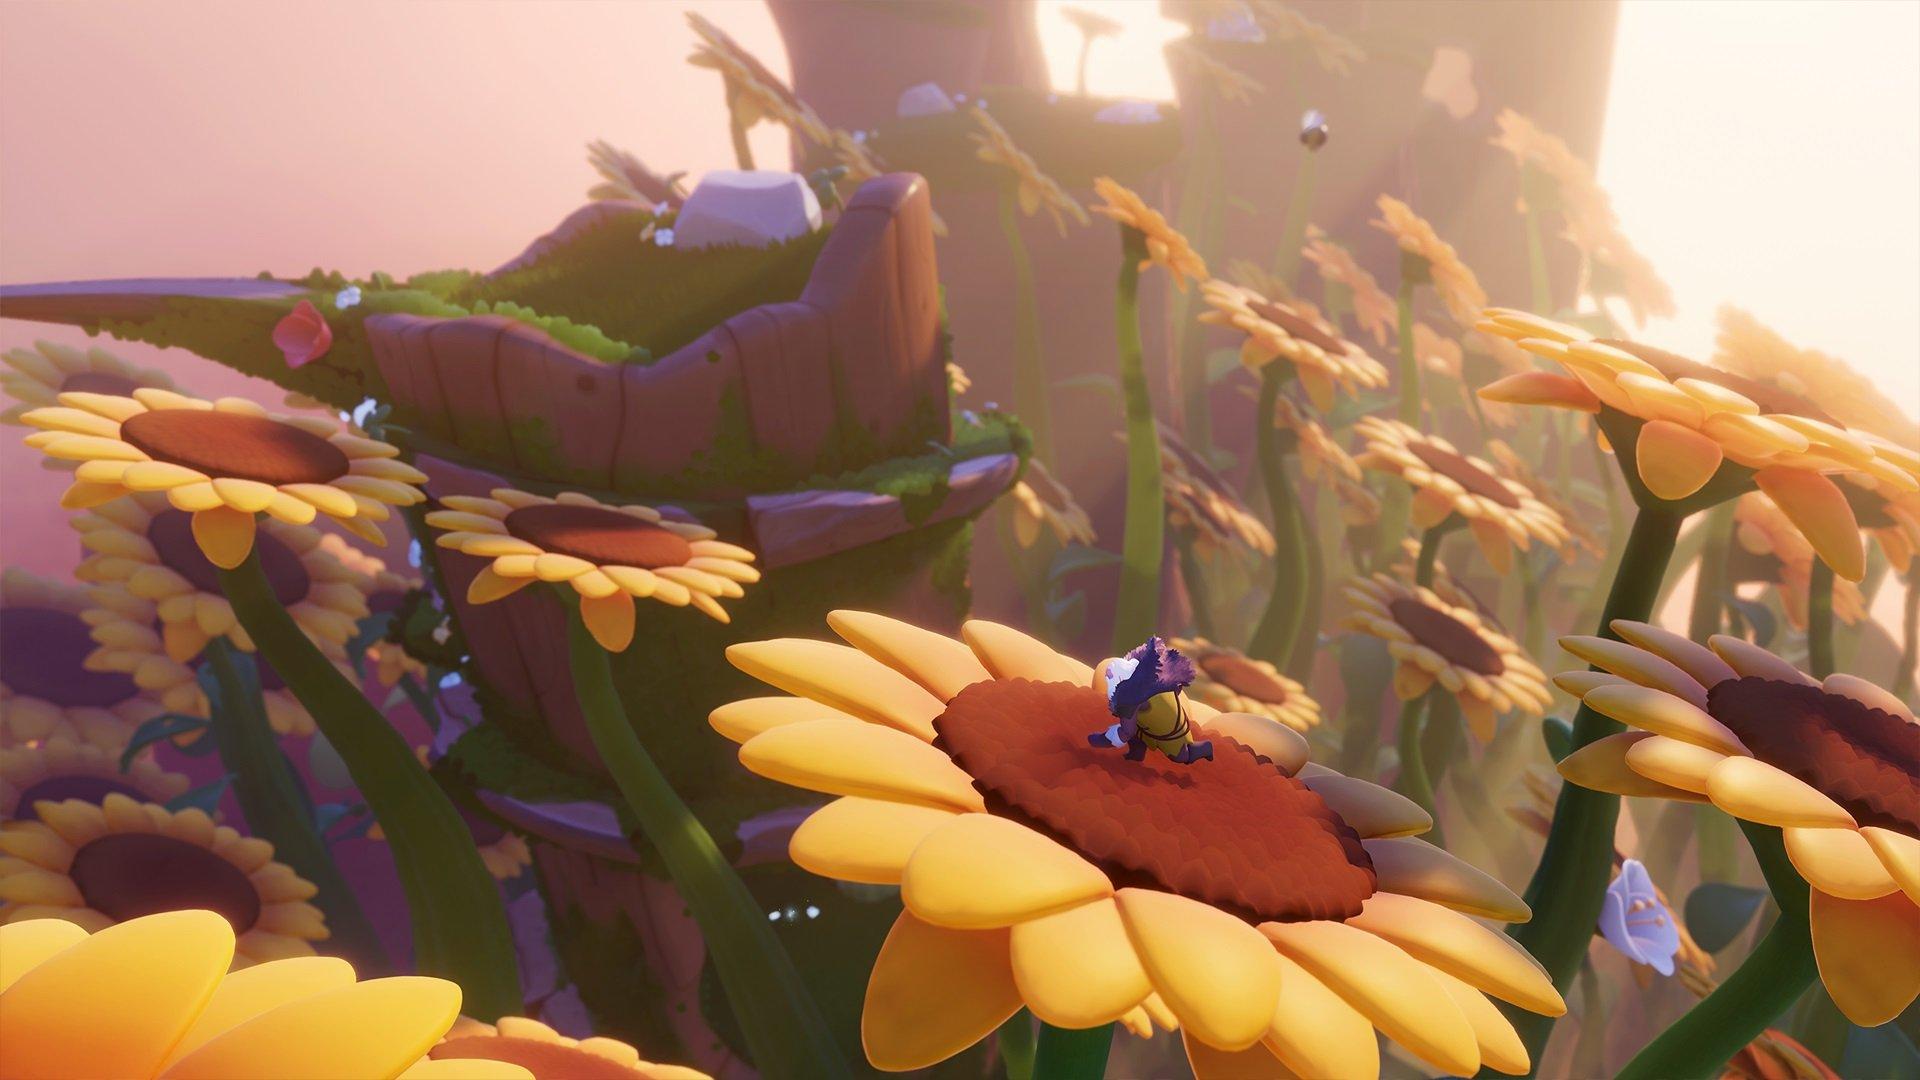 Lève-toi : Une histoire simple se rend sur PS4 en décembre